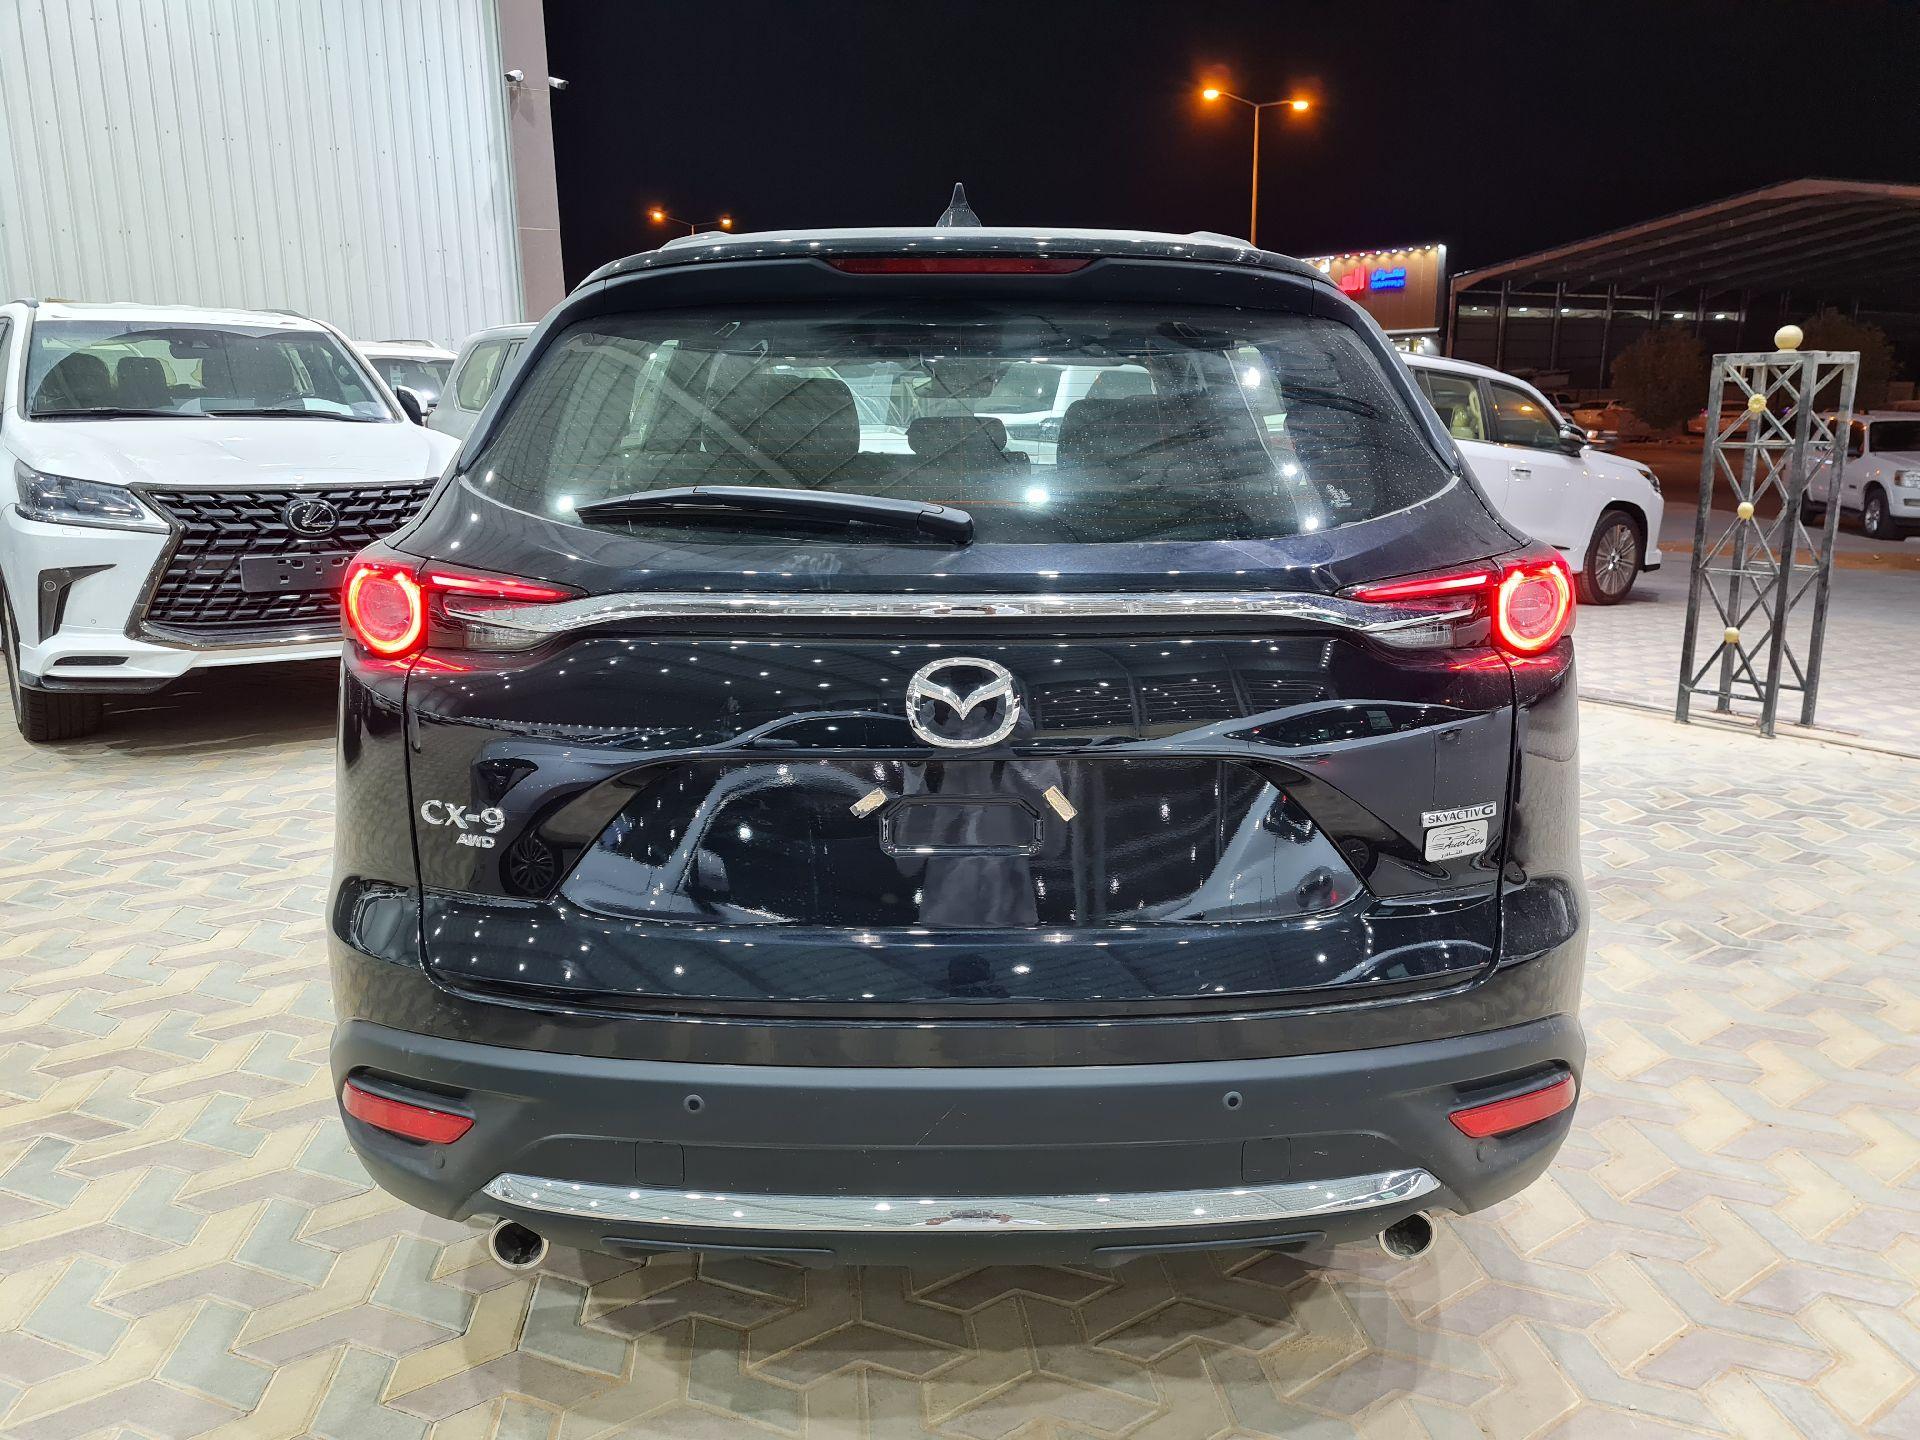 مازدا CX9 فل 2020 سجنتشر دبل خليجي جديد للبيع في الرياض - السعودية - صورة كبيرة - 3